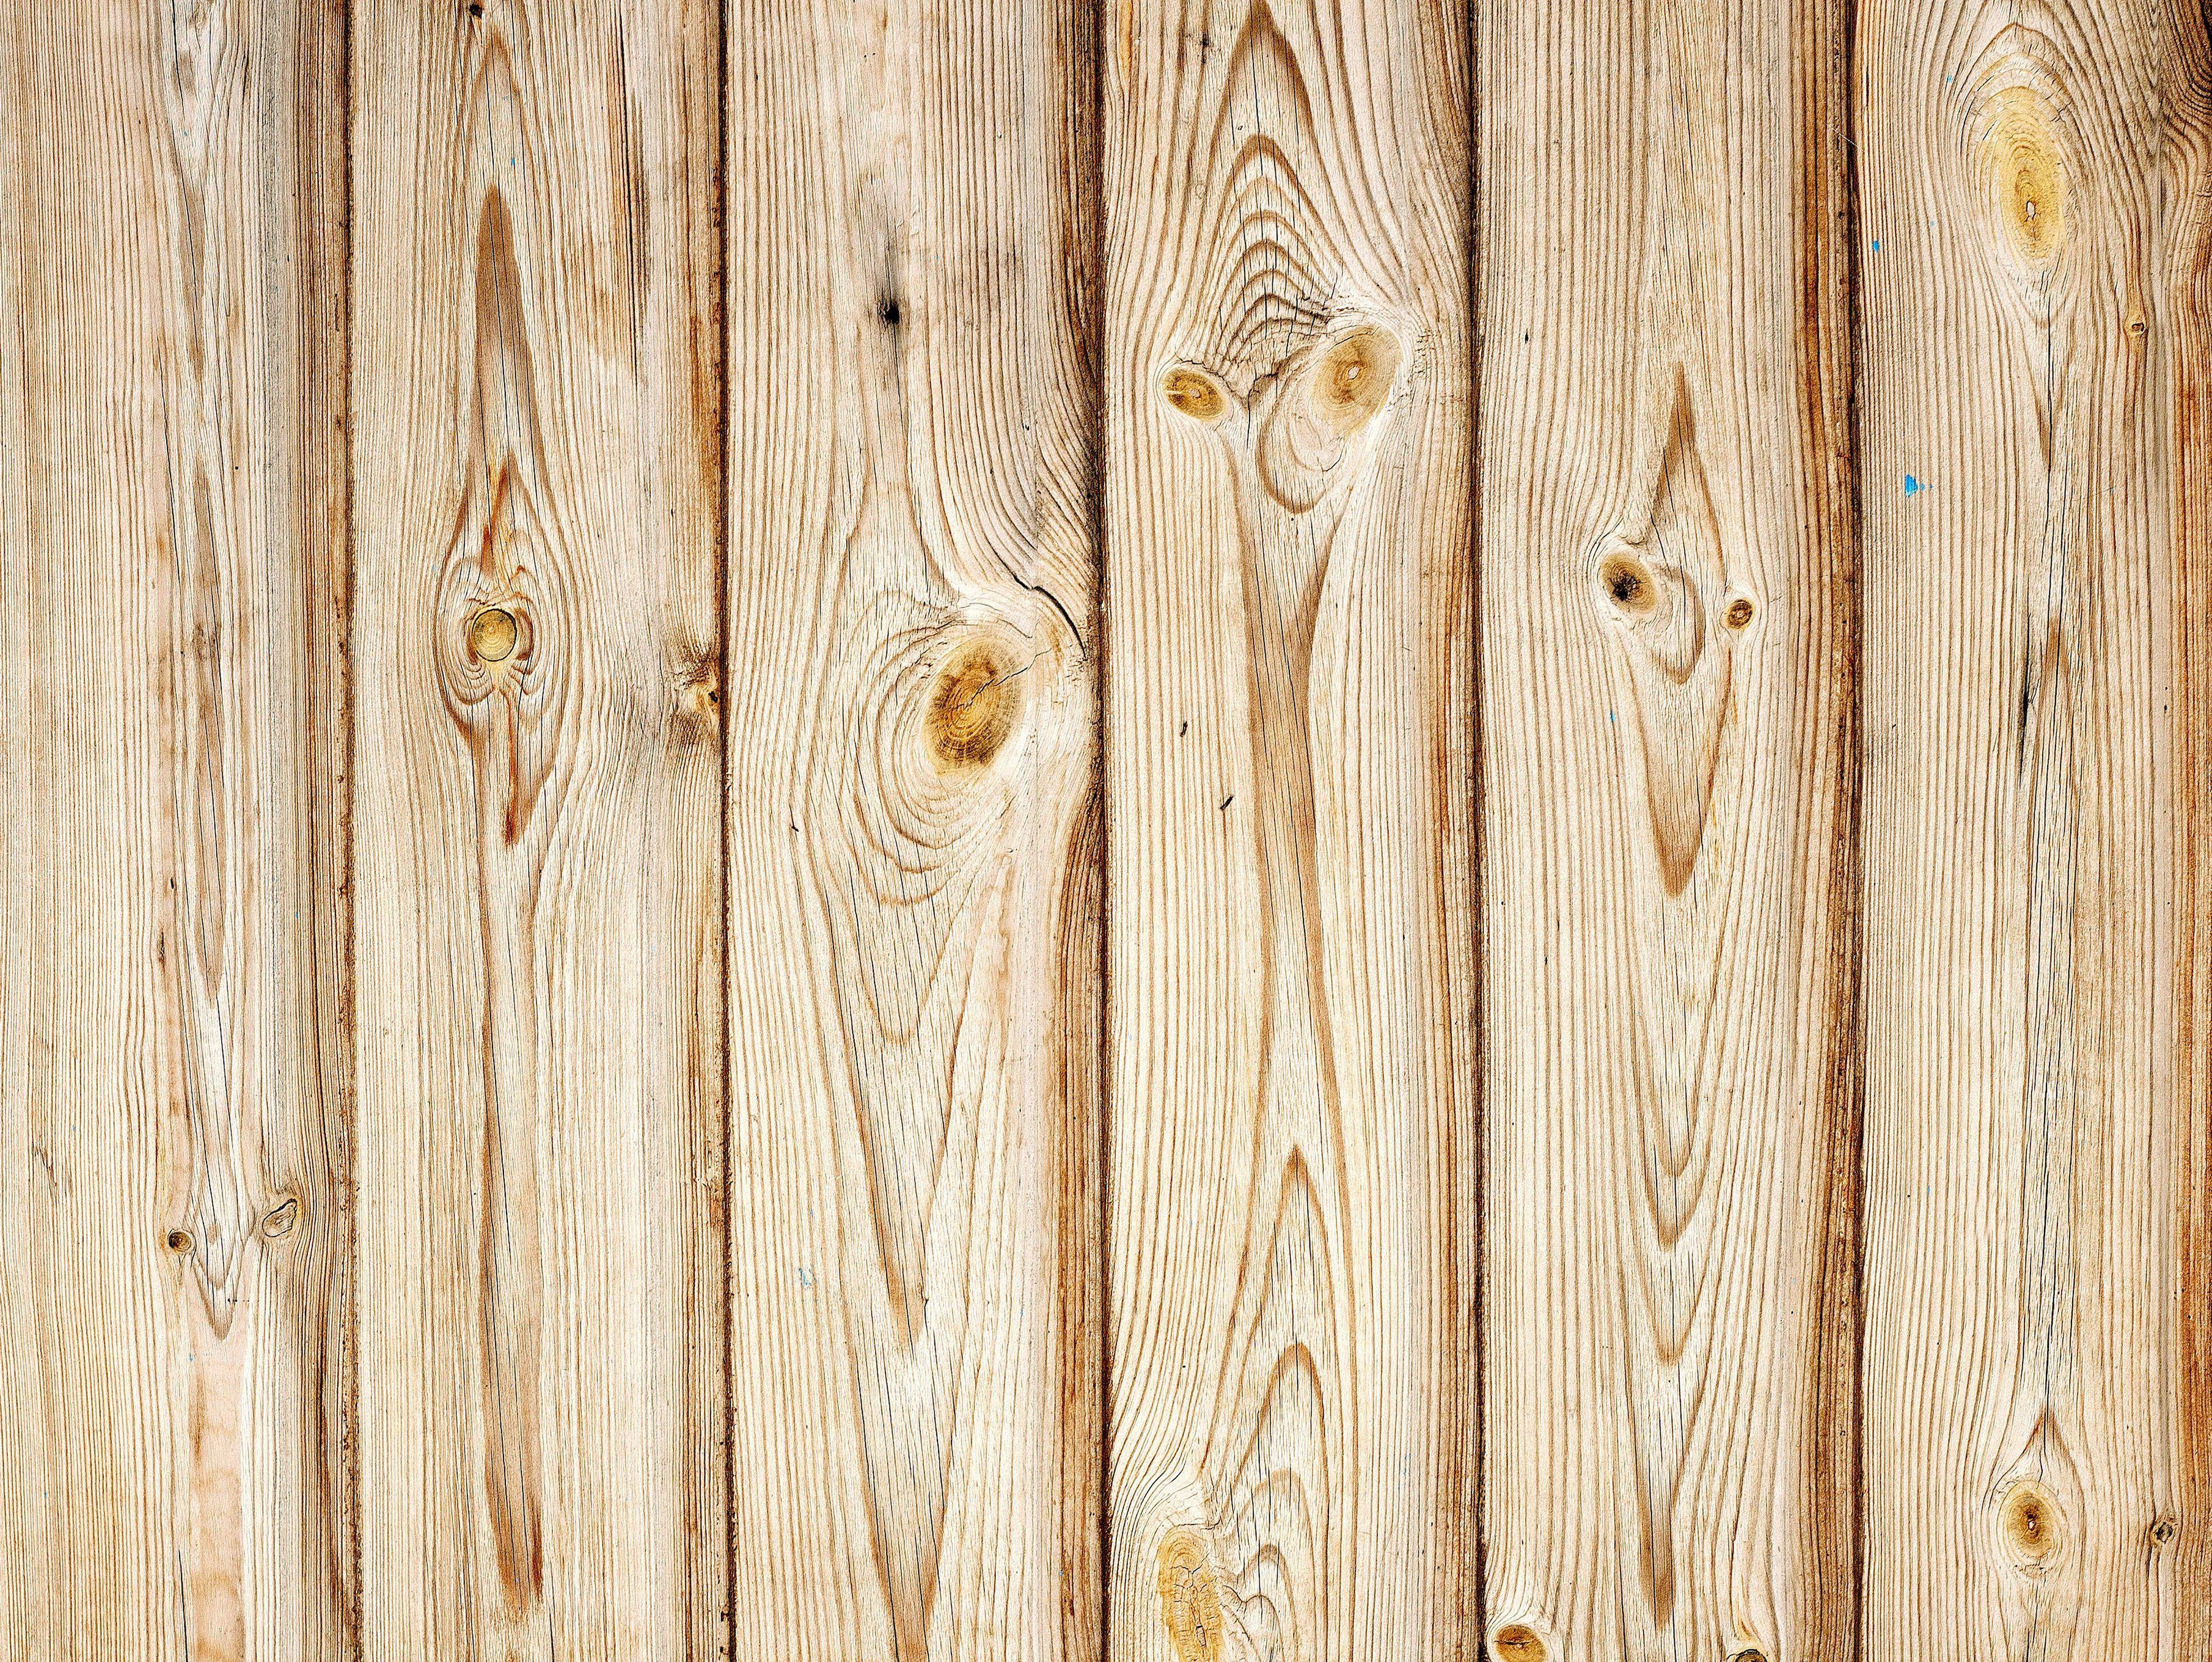 деревянная дощечка картинки фон таких подарков предлагаем